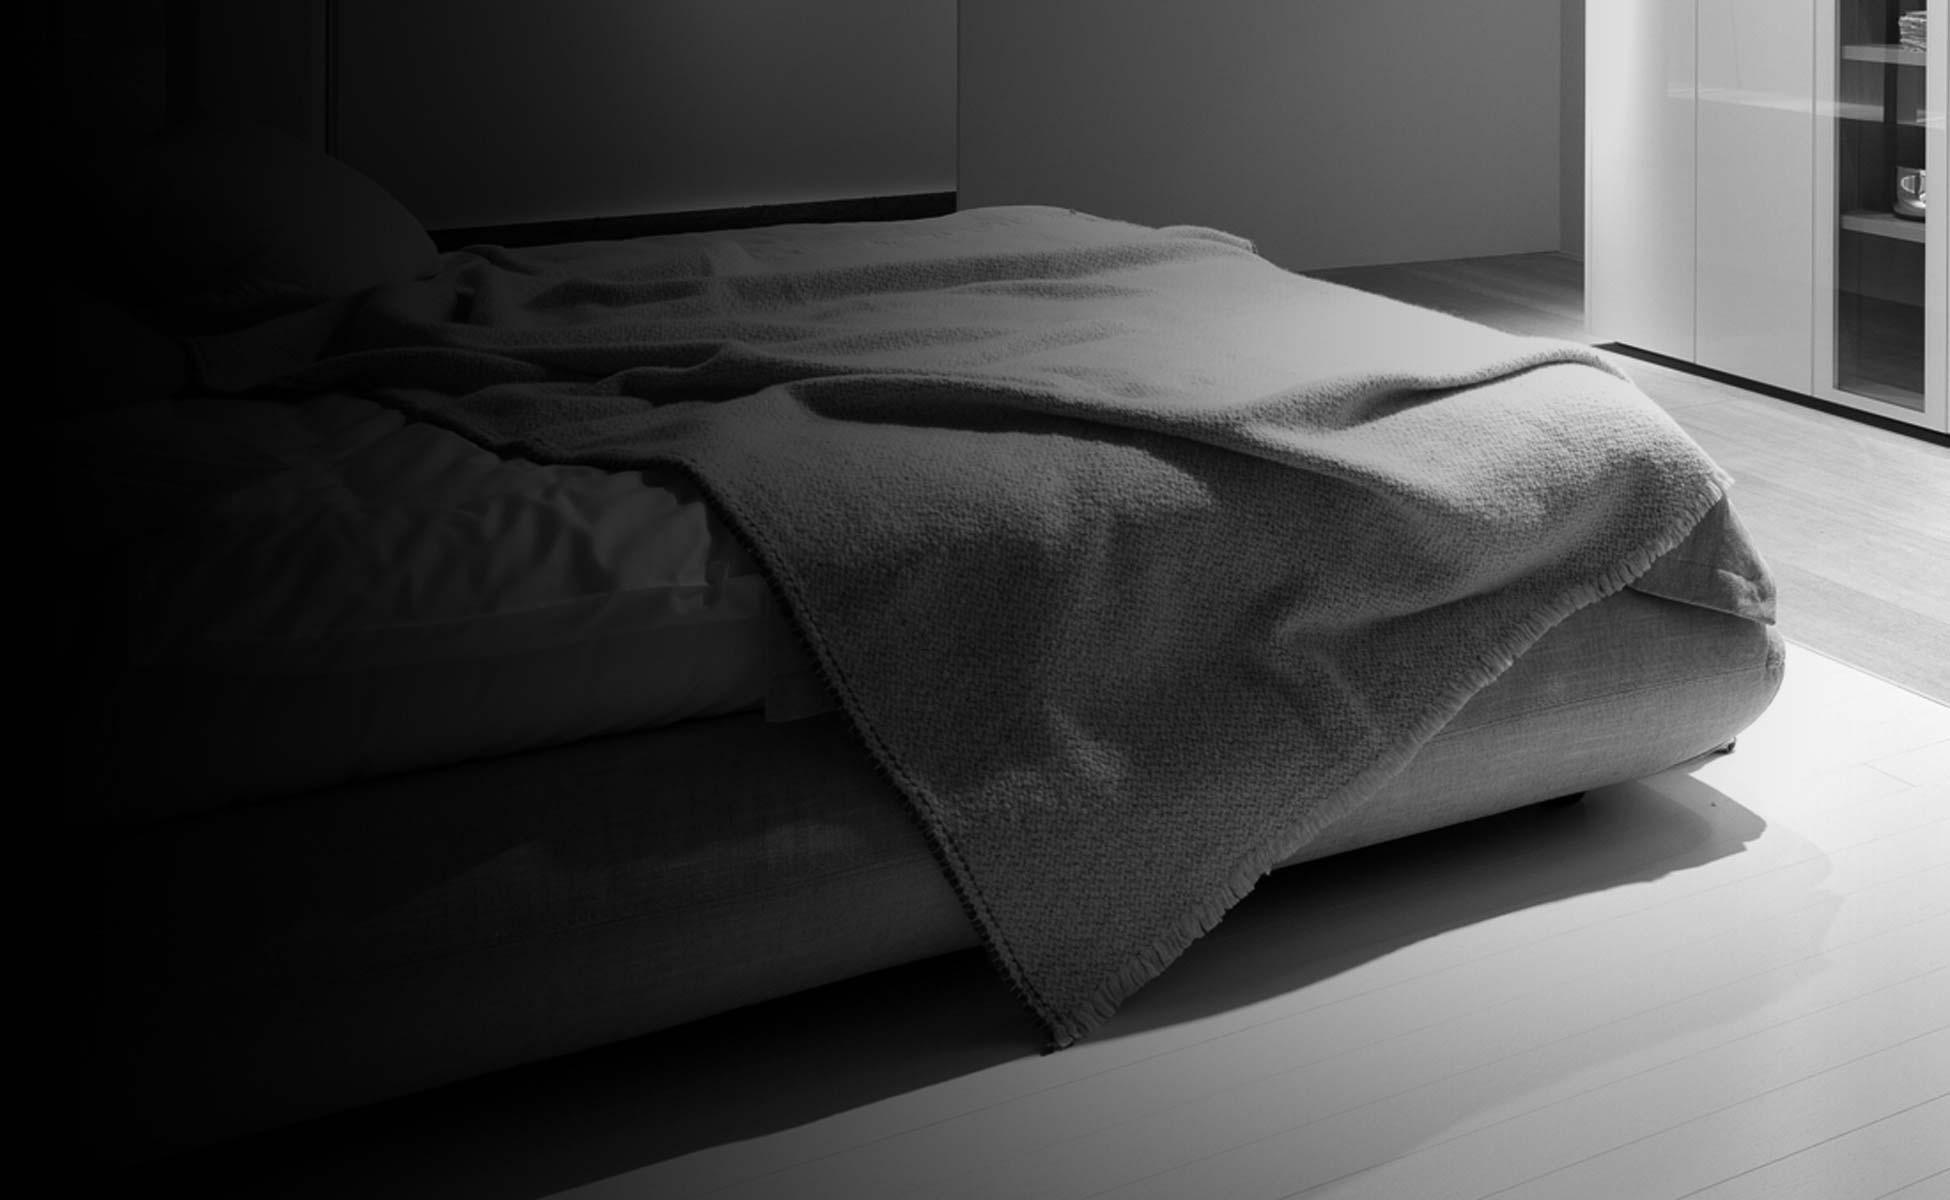 interl bke jalis bett in berlin bei steidten steidten einrichten mit architekturintelligenz. Black Bedroom Furniture Sets. Home Design Ideas